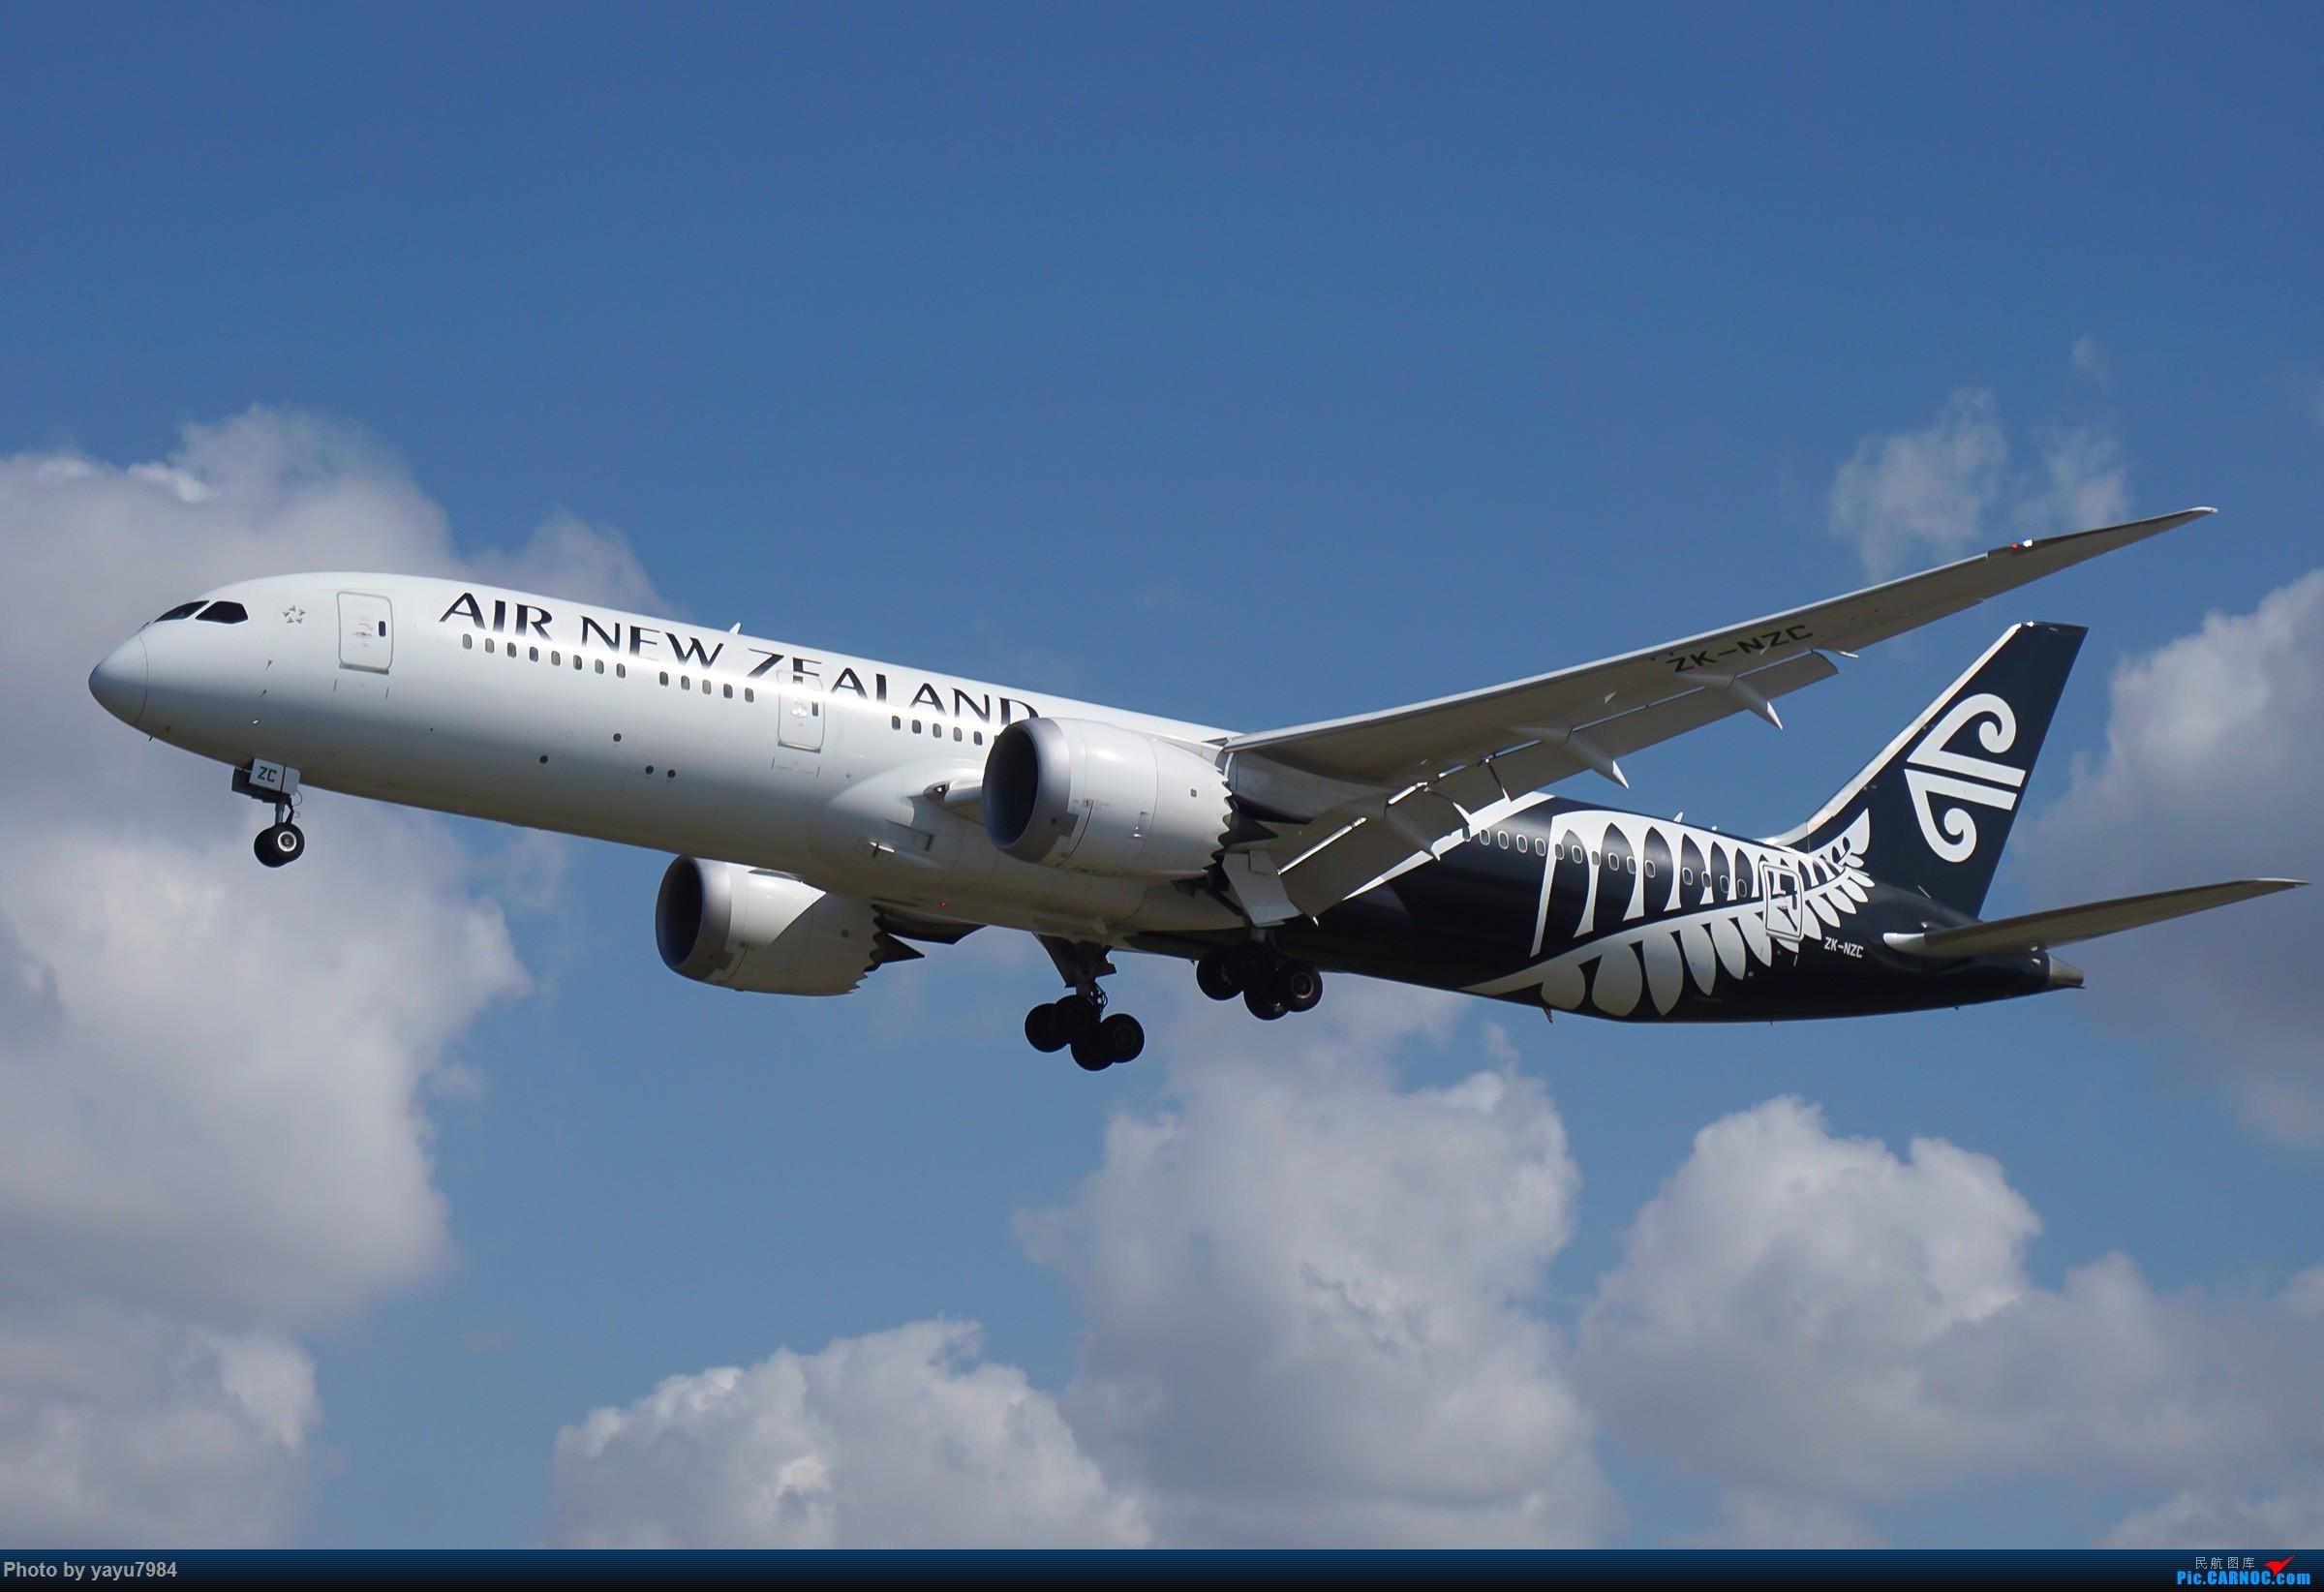 Re:[SYD] 东航天合332,雪绒花343,华航蓝鹊,以及其他日常货 BOEING 787-9 ZK-NZC 澳大利亚悉尼金斯福德·史密斯机场